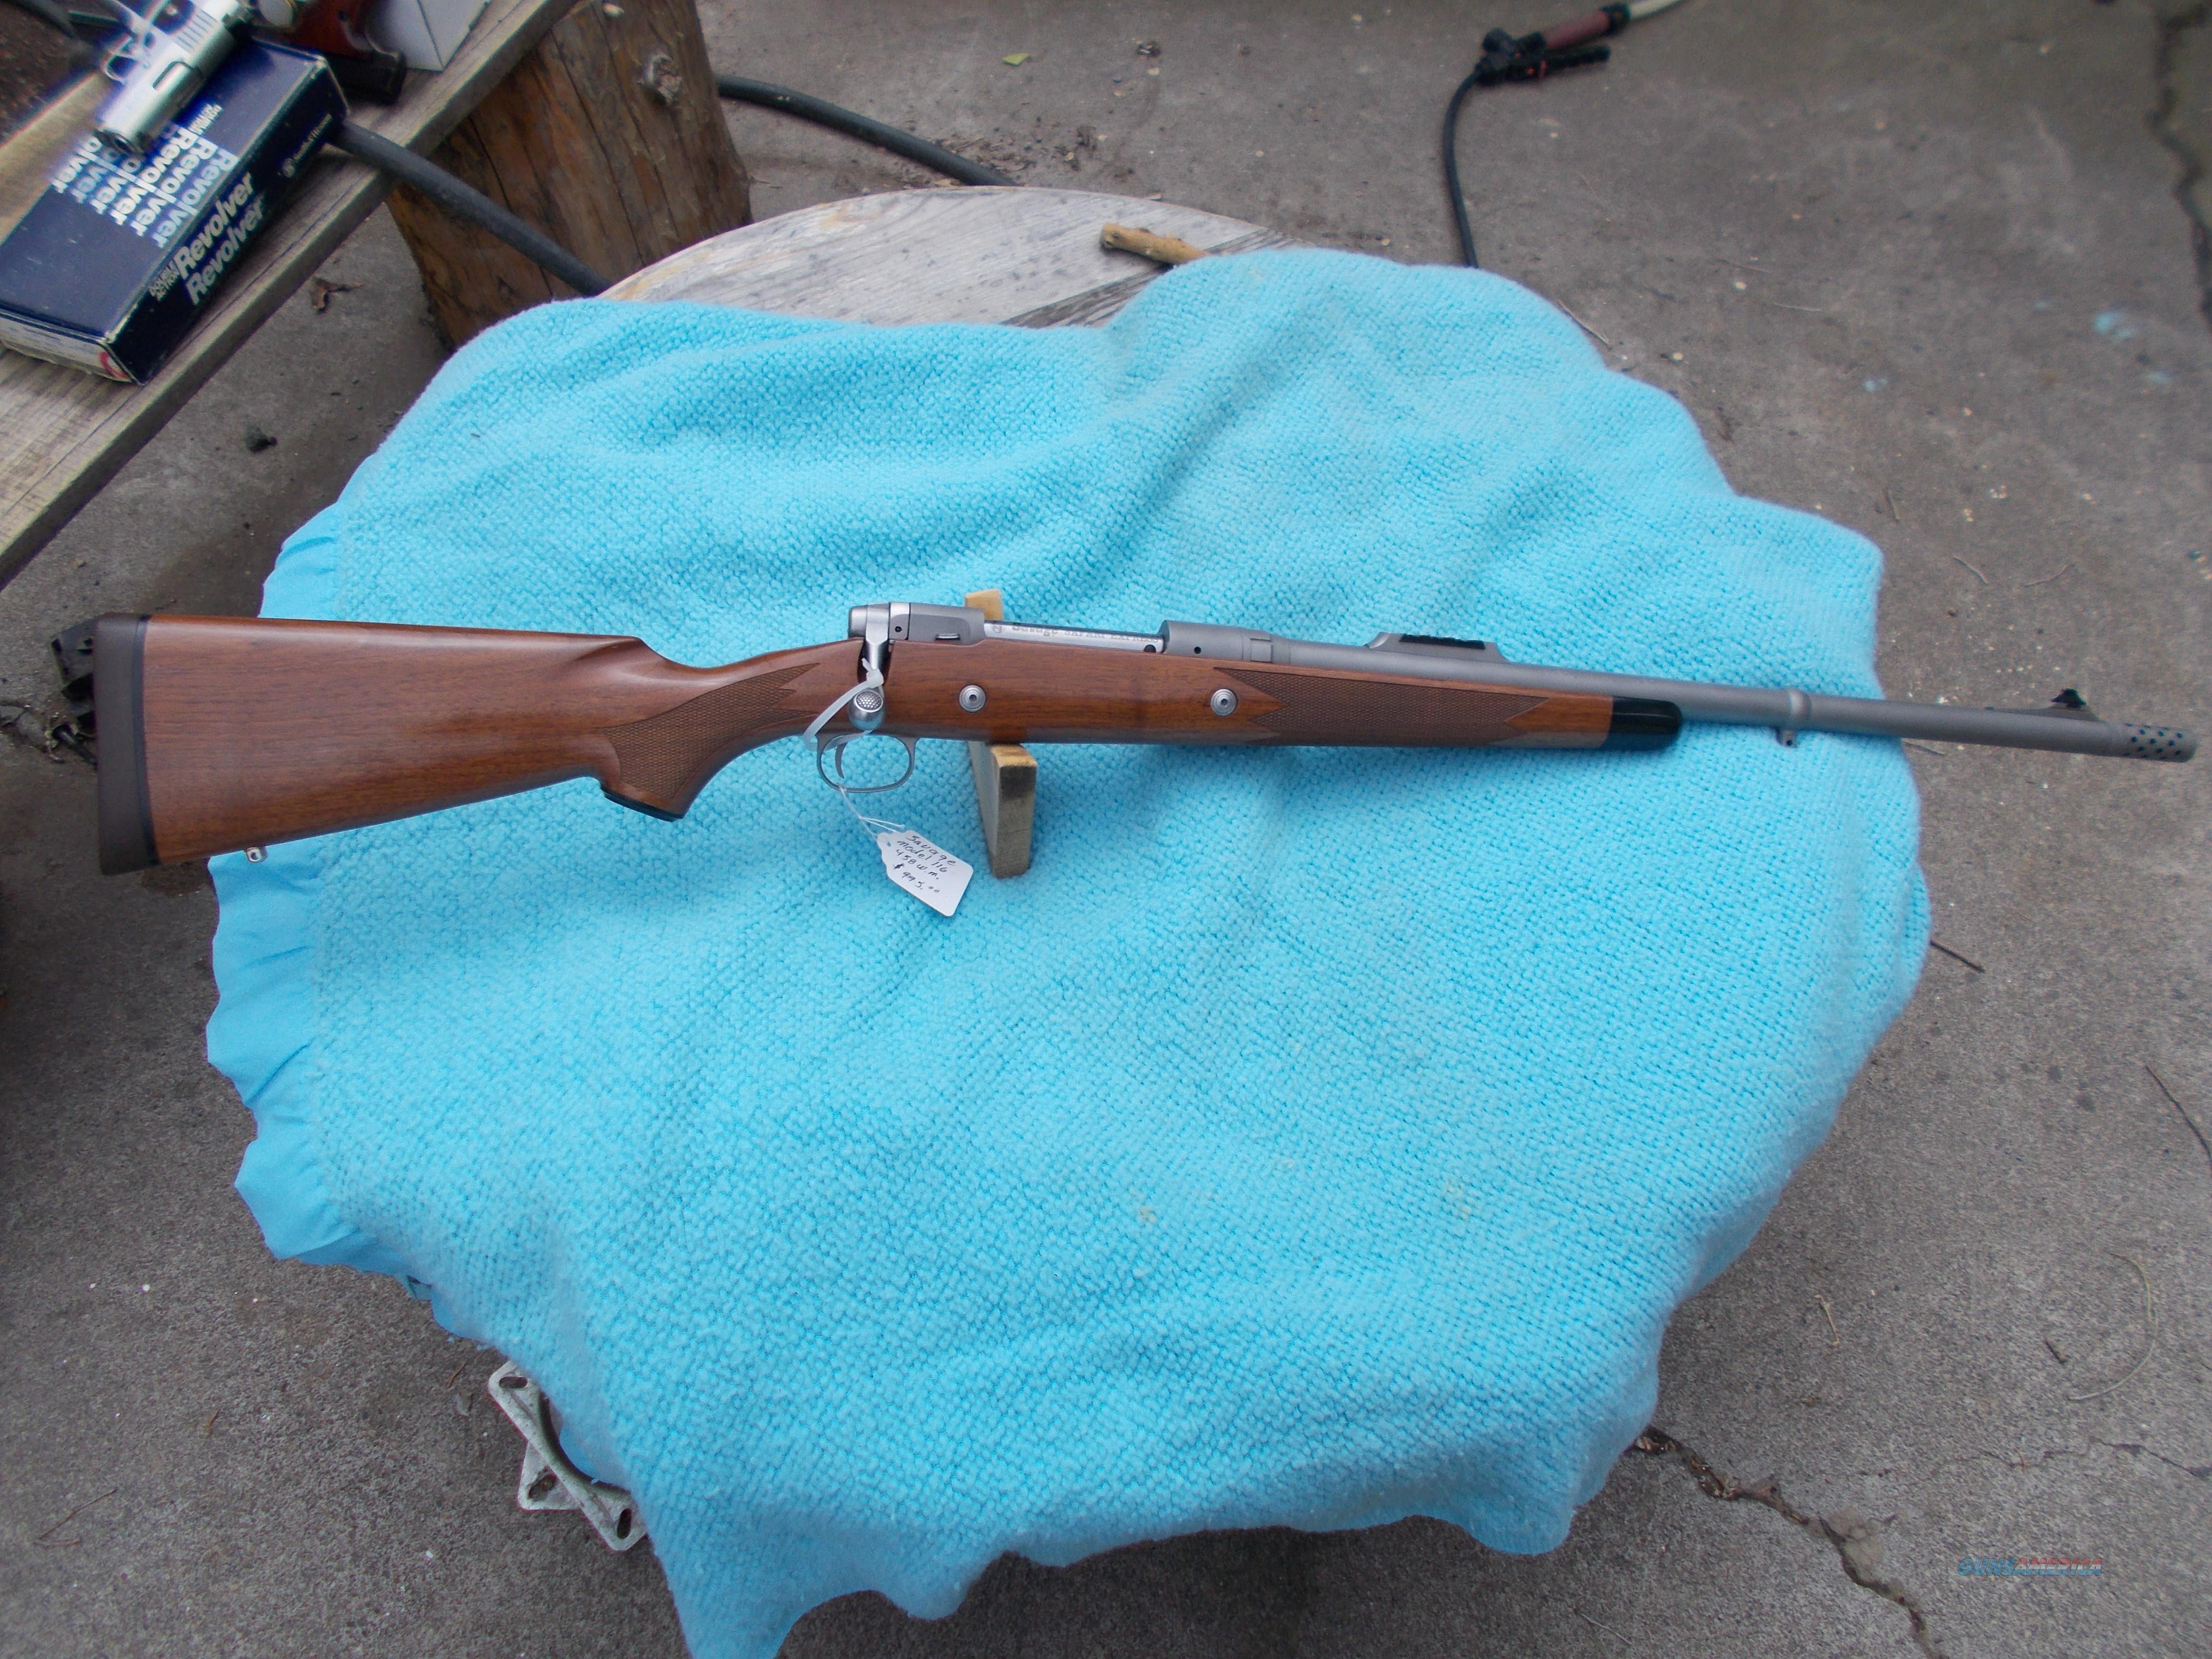 savage safari express 458 w.m.  Guns > Rifles > Savage Rifles > 16/116